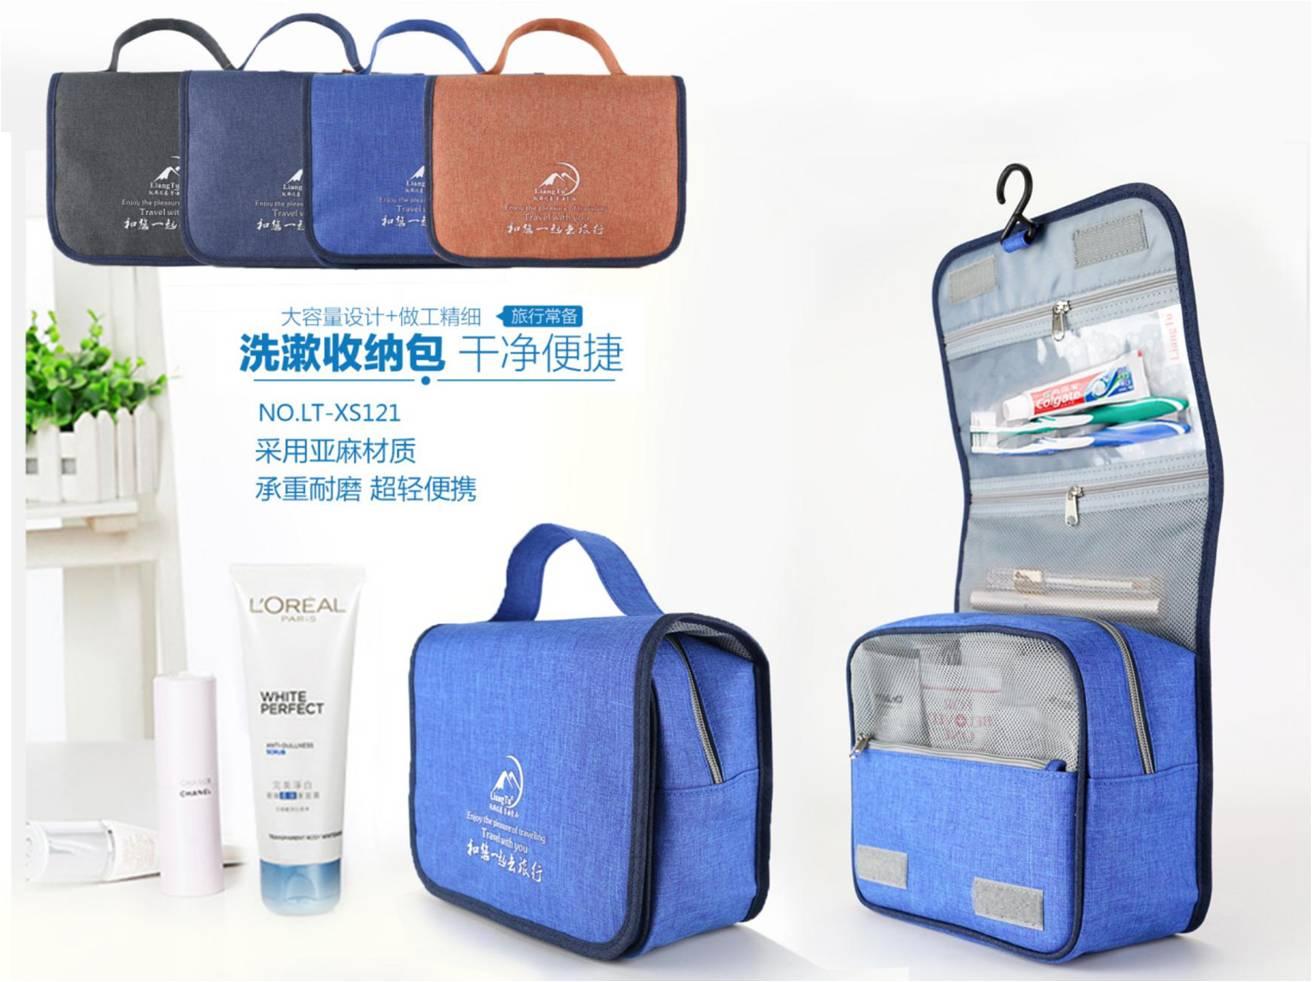 可定制大容量防水旅行洗漱包化妆包多功能手提收纳包RD-855002